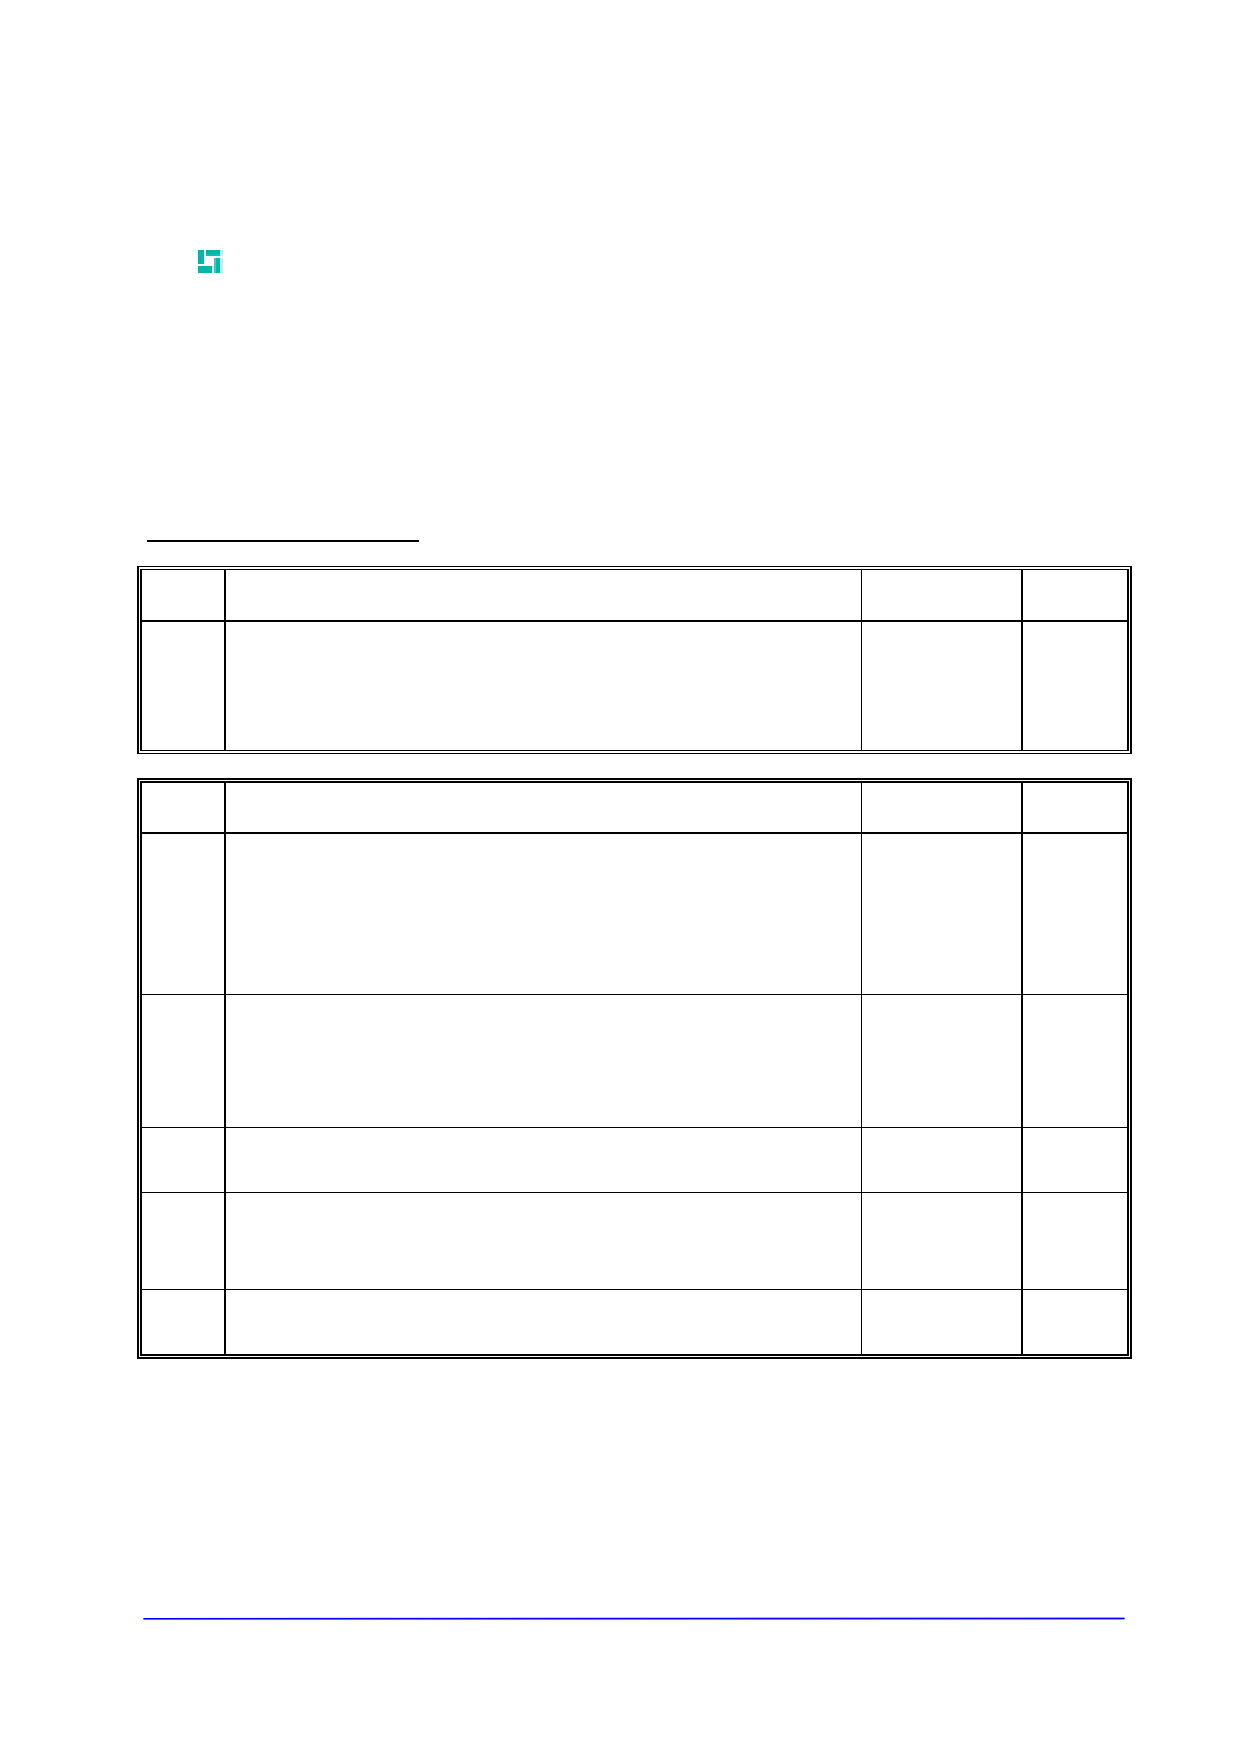 R0487YS14F datasheet